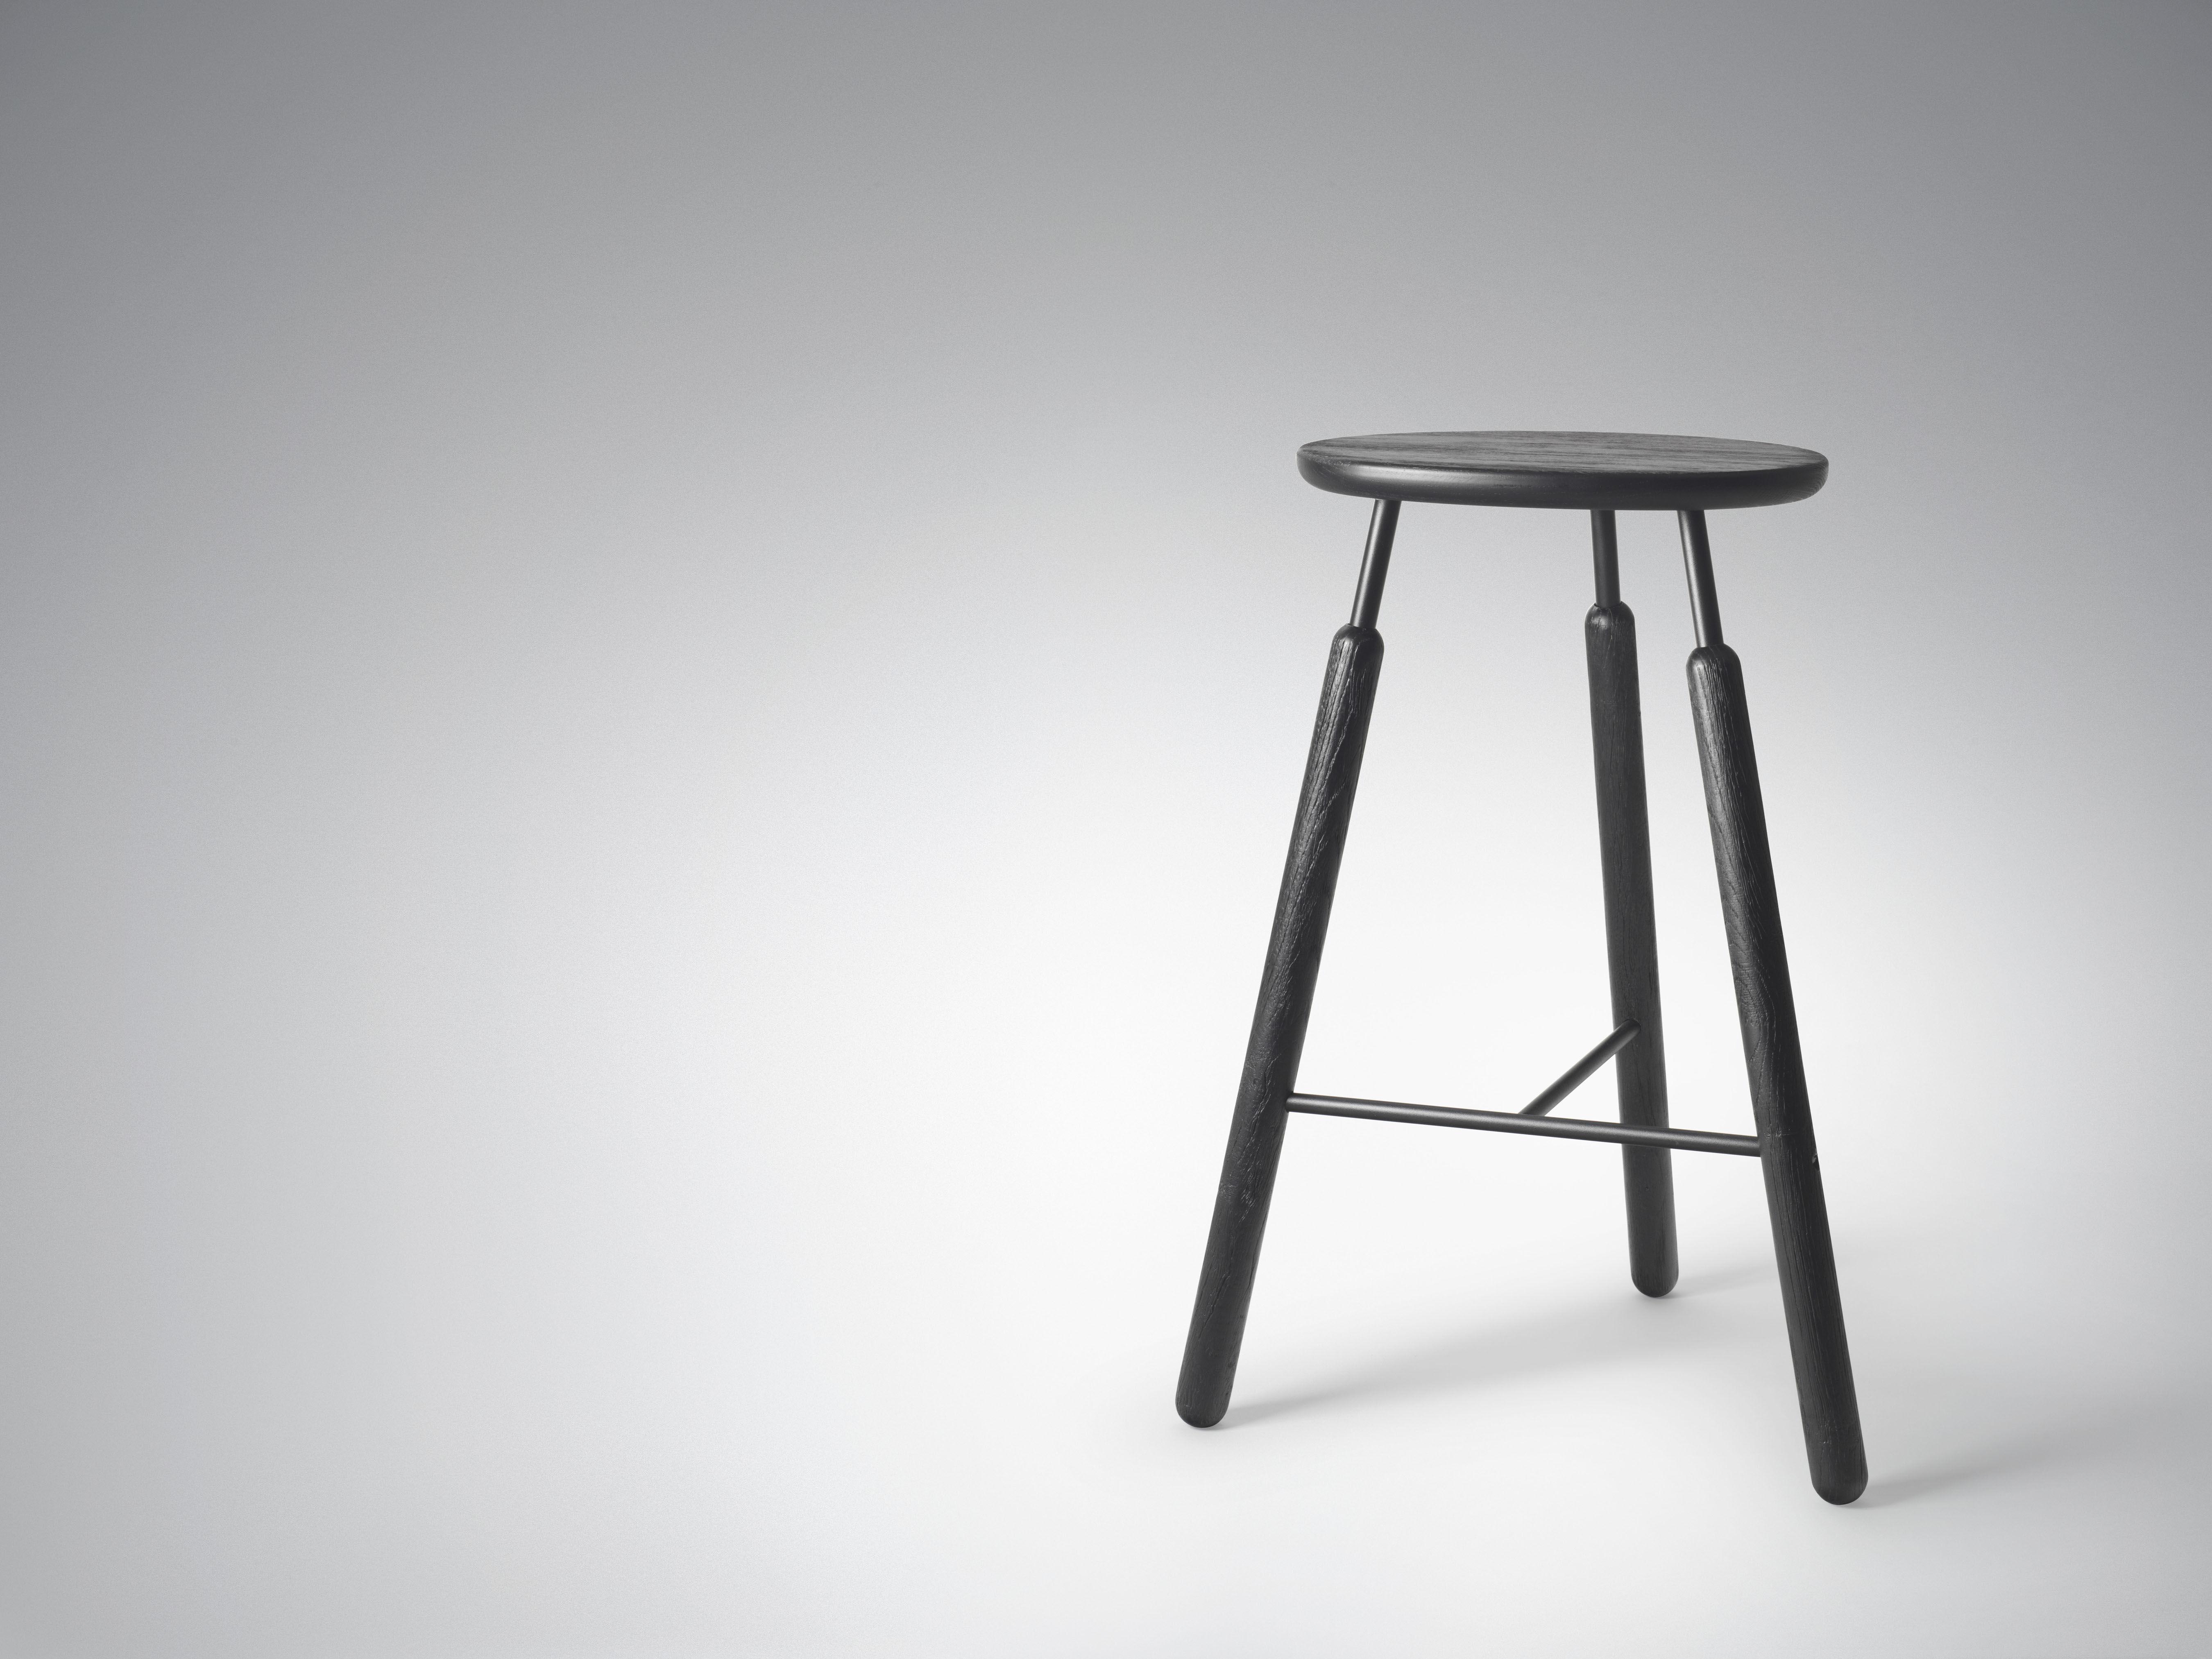 tabouret de bar raft bois m tal h 70 cm noir and tradition. Black Bedroom Furniture Sets. Home Design Ideas